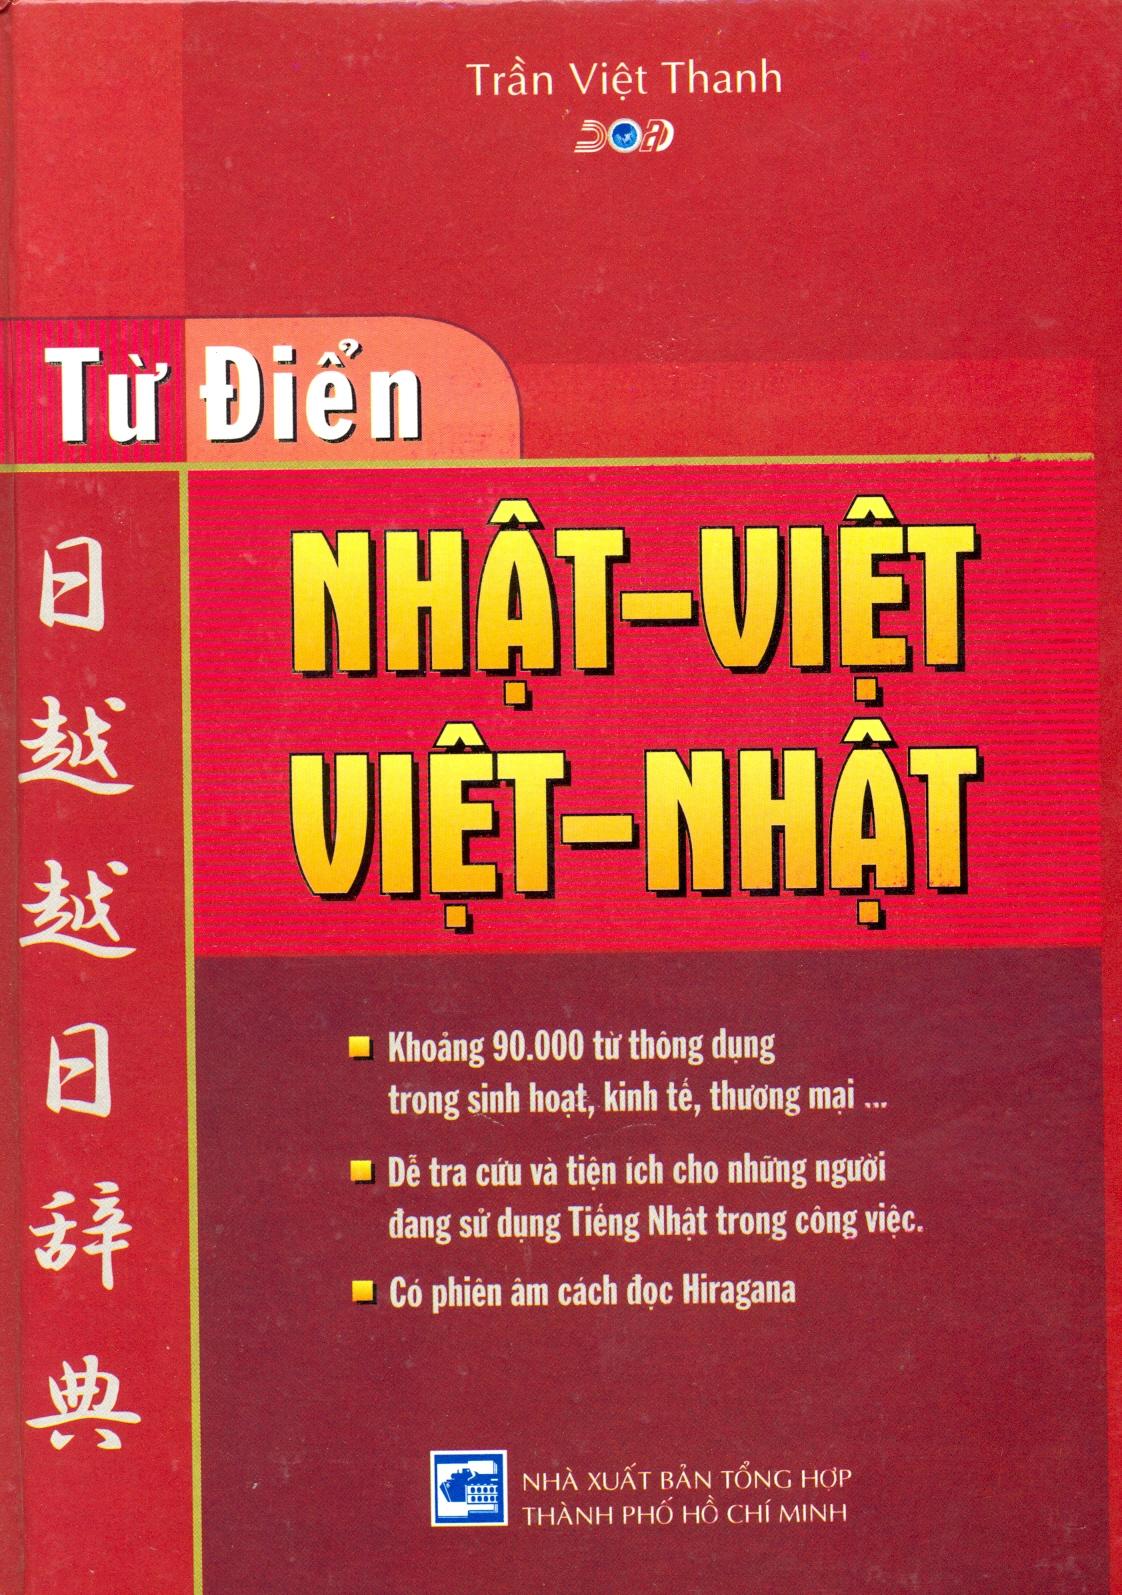 Từ Điển Nhật-Việt Việt-Nhật